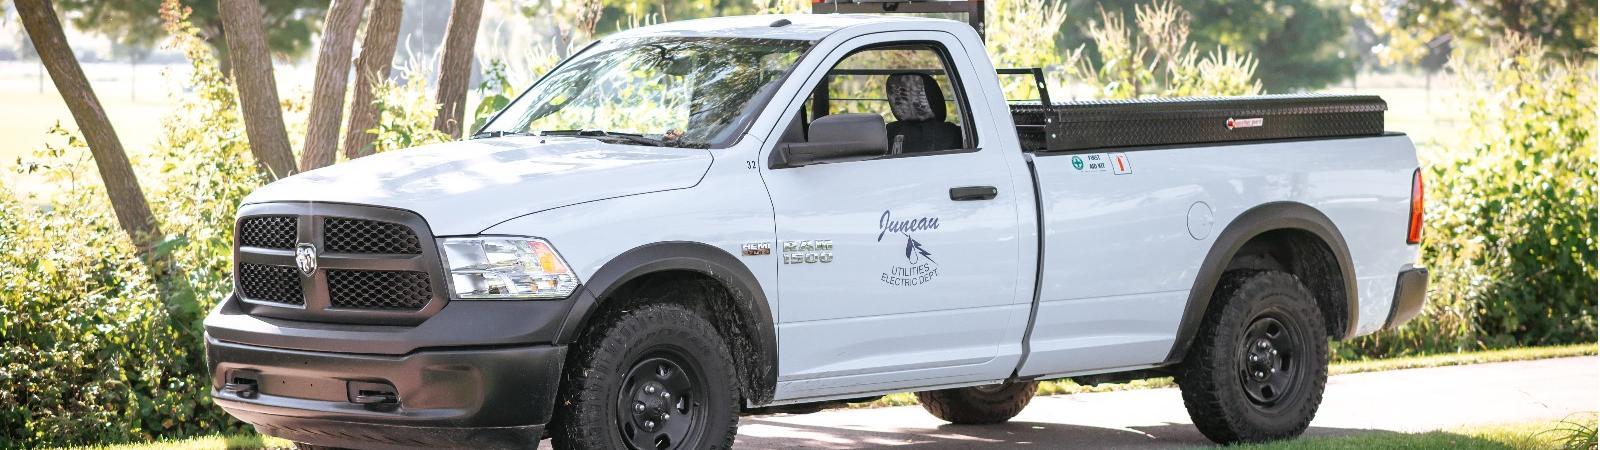 Juneau Utilities truck